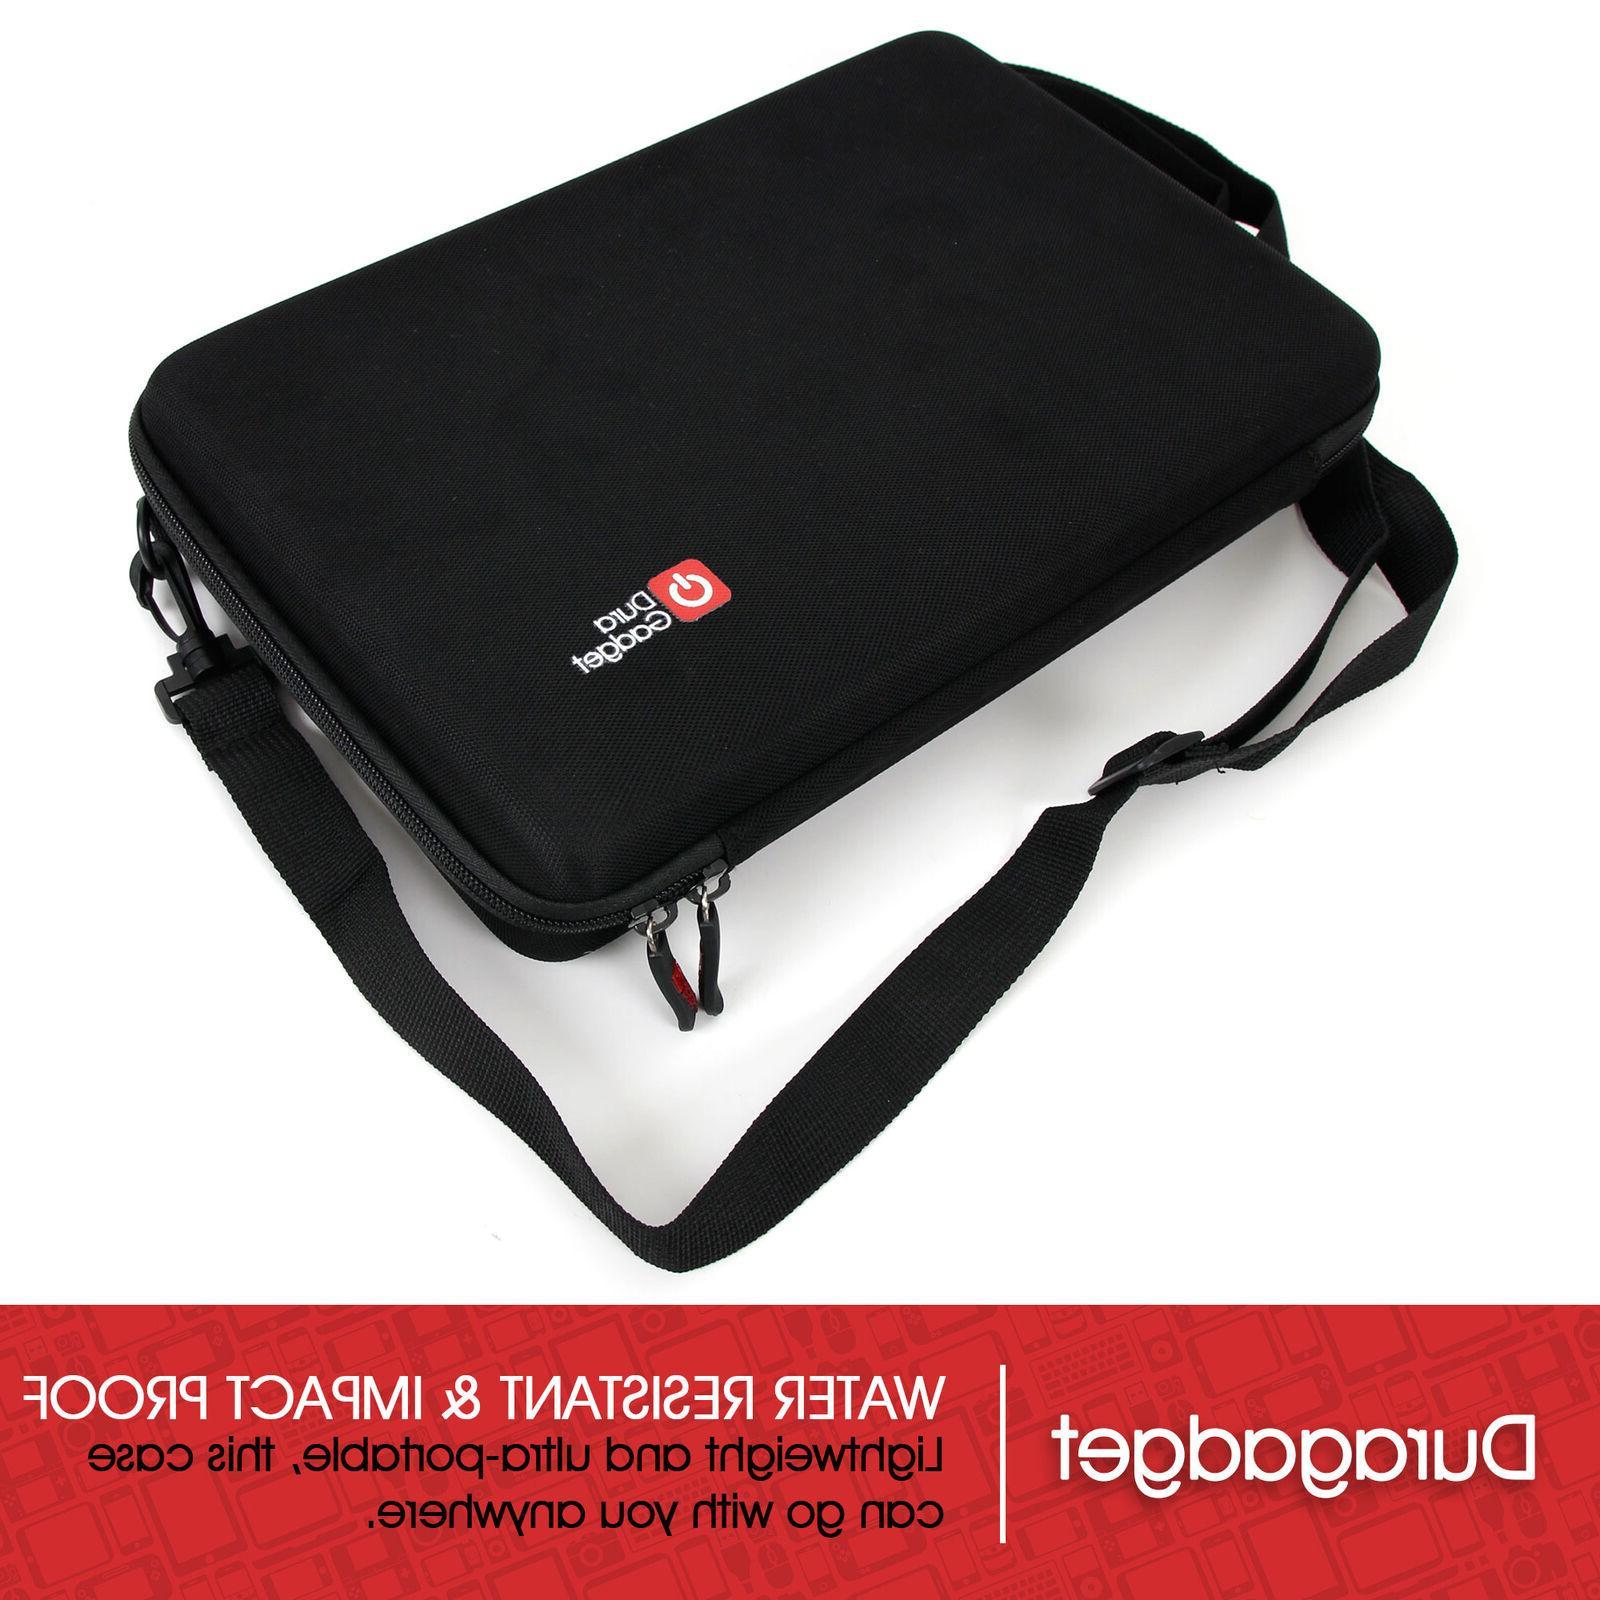 Customizable Case Carcam HD Car Vehicle Dashboard Camera